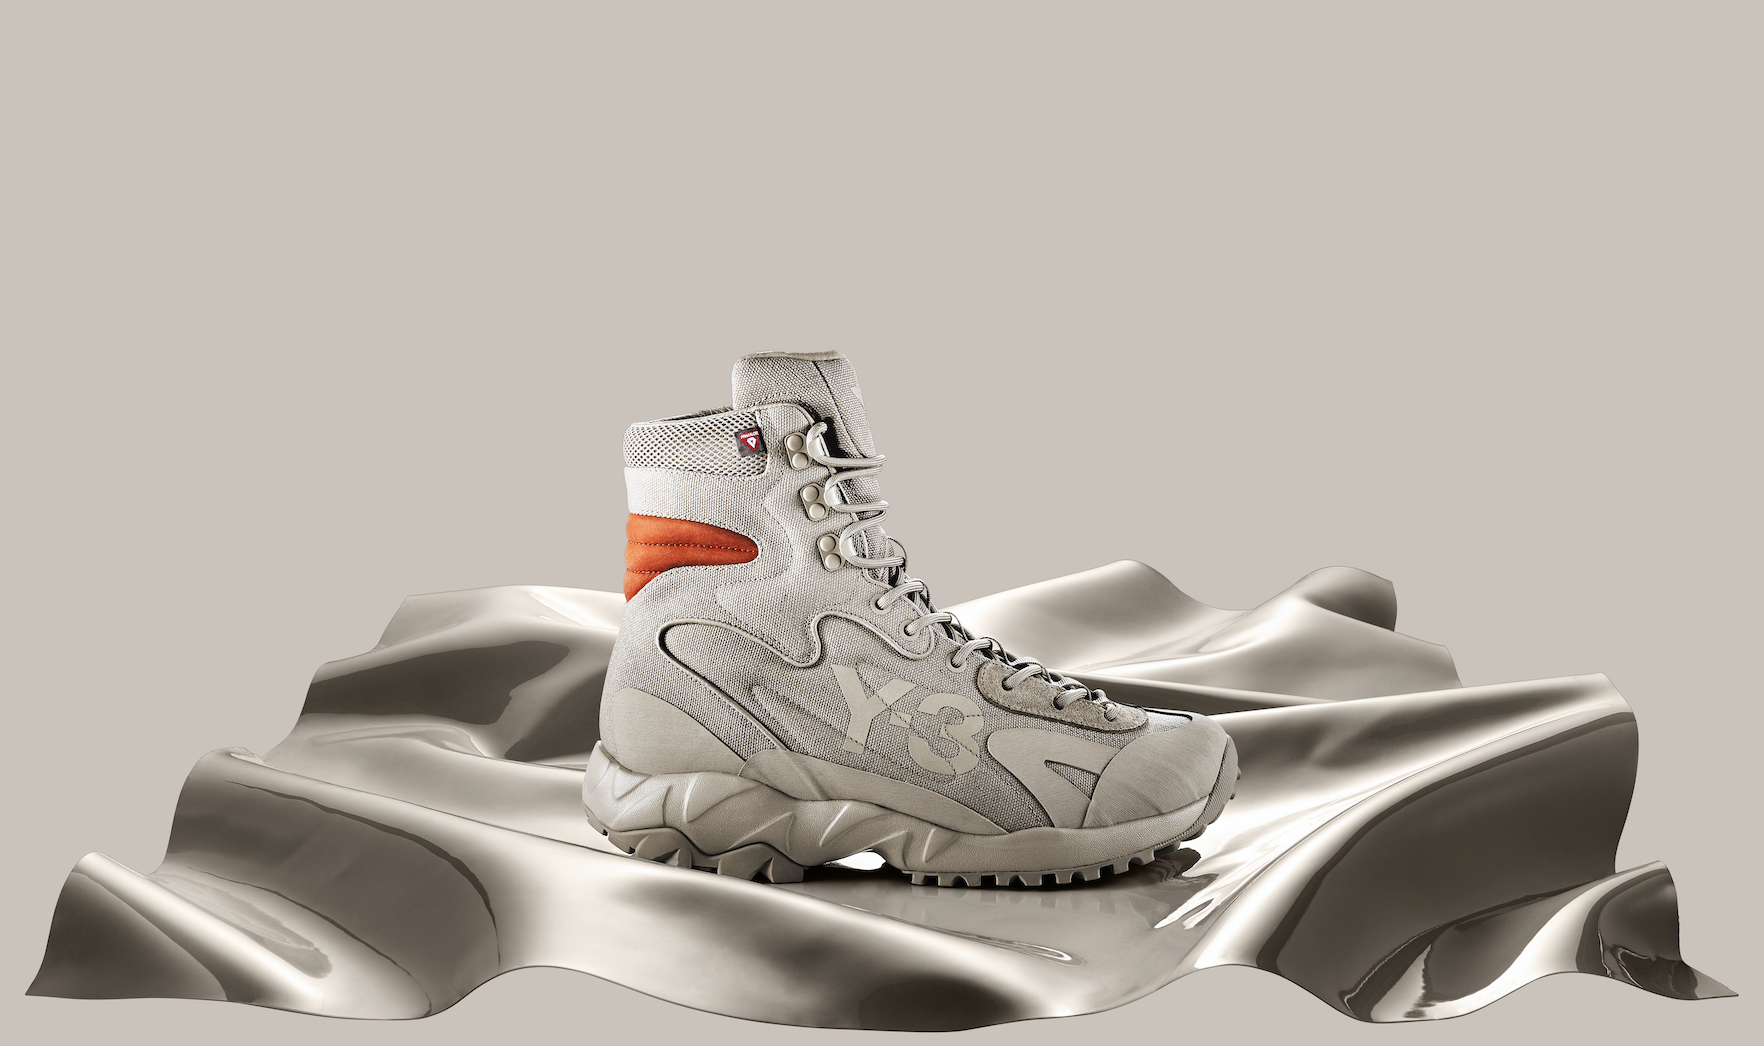 Y-3、2020年秋冬コレクションで全天候対応型の新作ブーツ発売